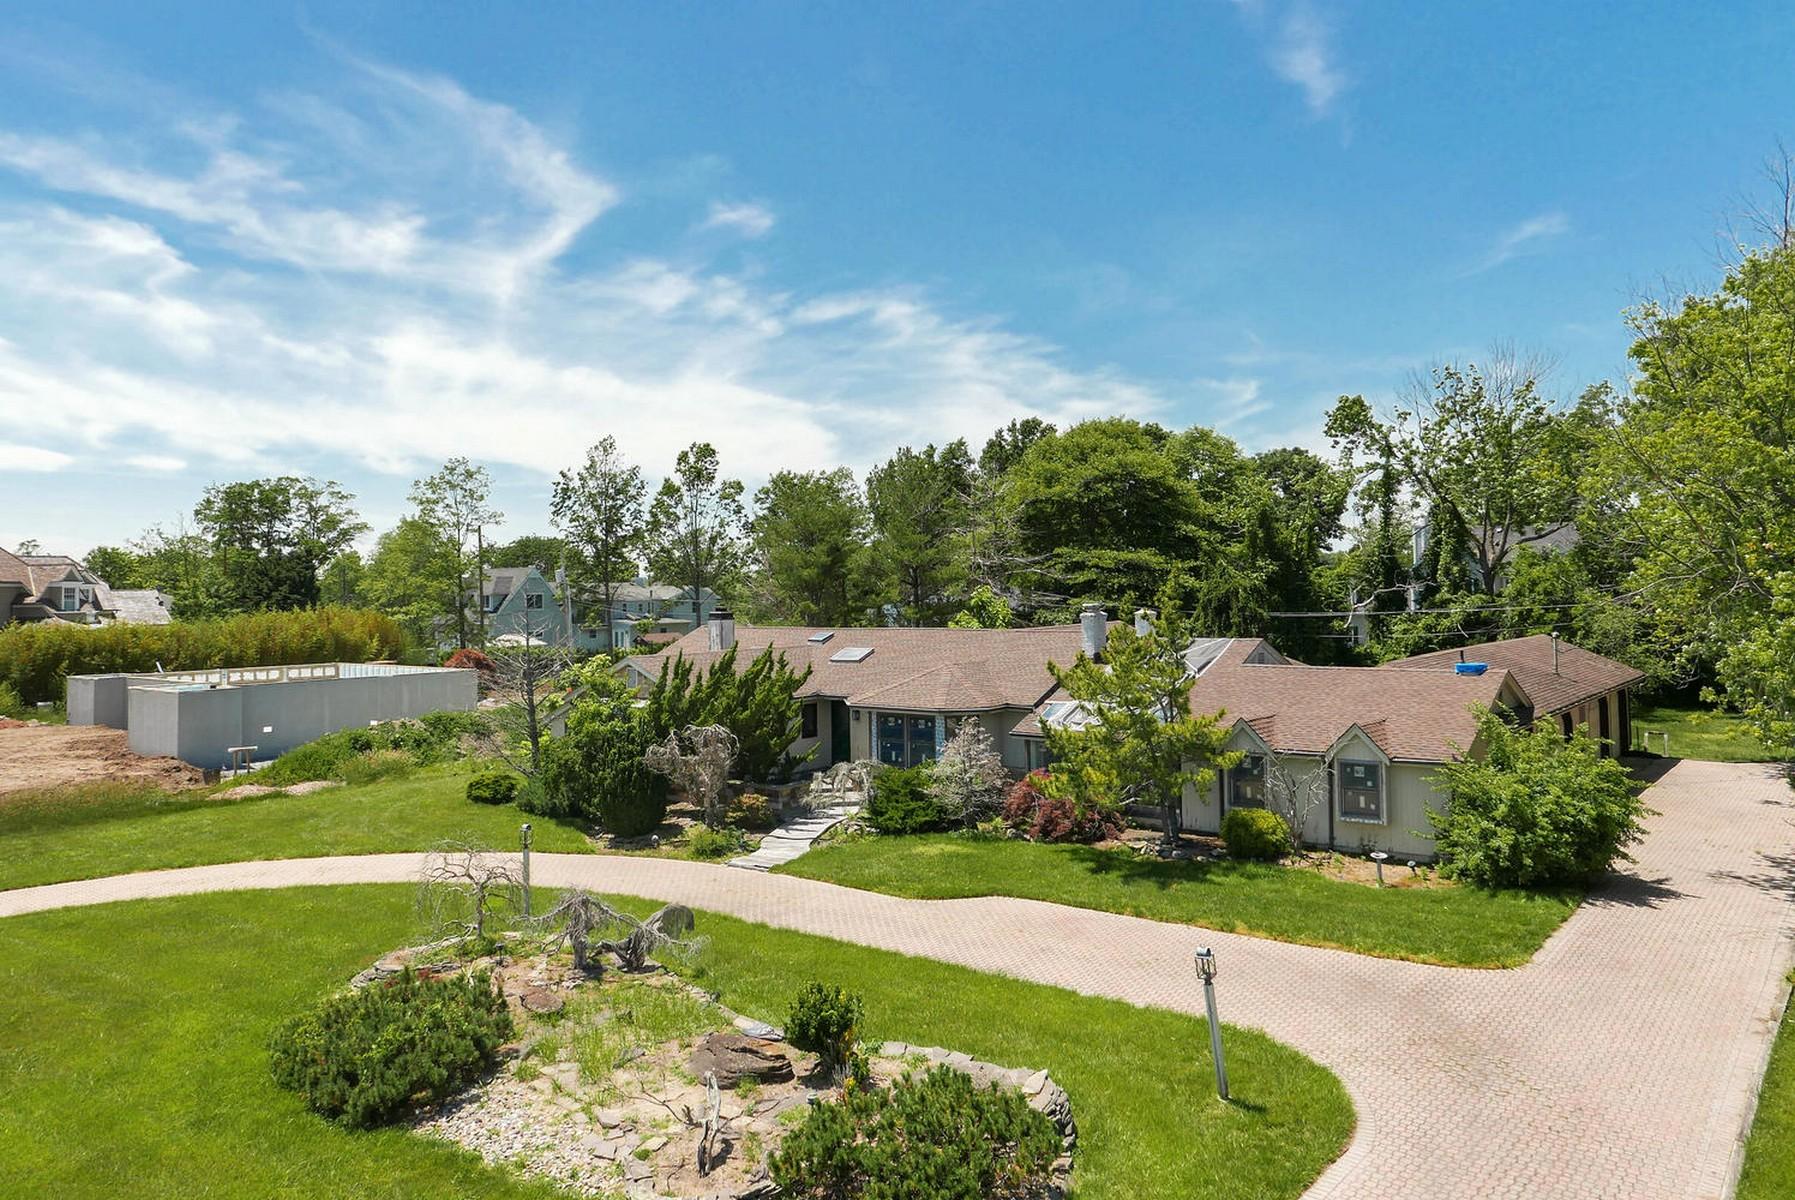 Maison unifamiliale pour l Vente à Gooseneck Section of Oceanport 27 Shore Rd Oceanport, New Jersey 07757 États-Unis